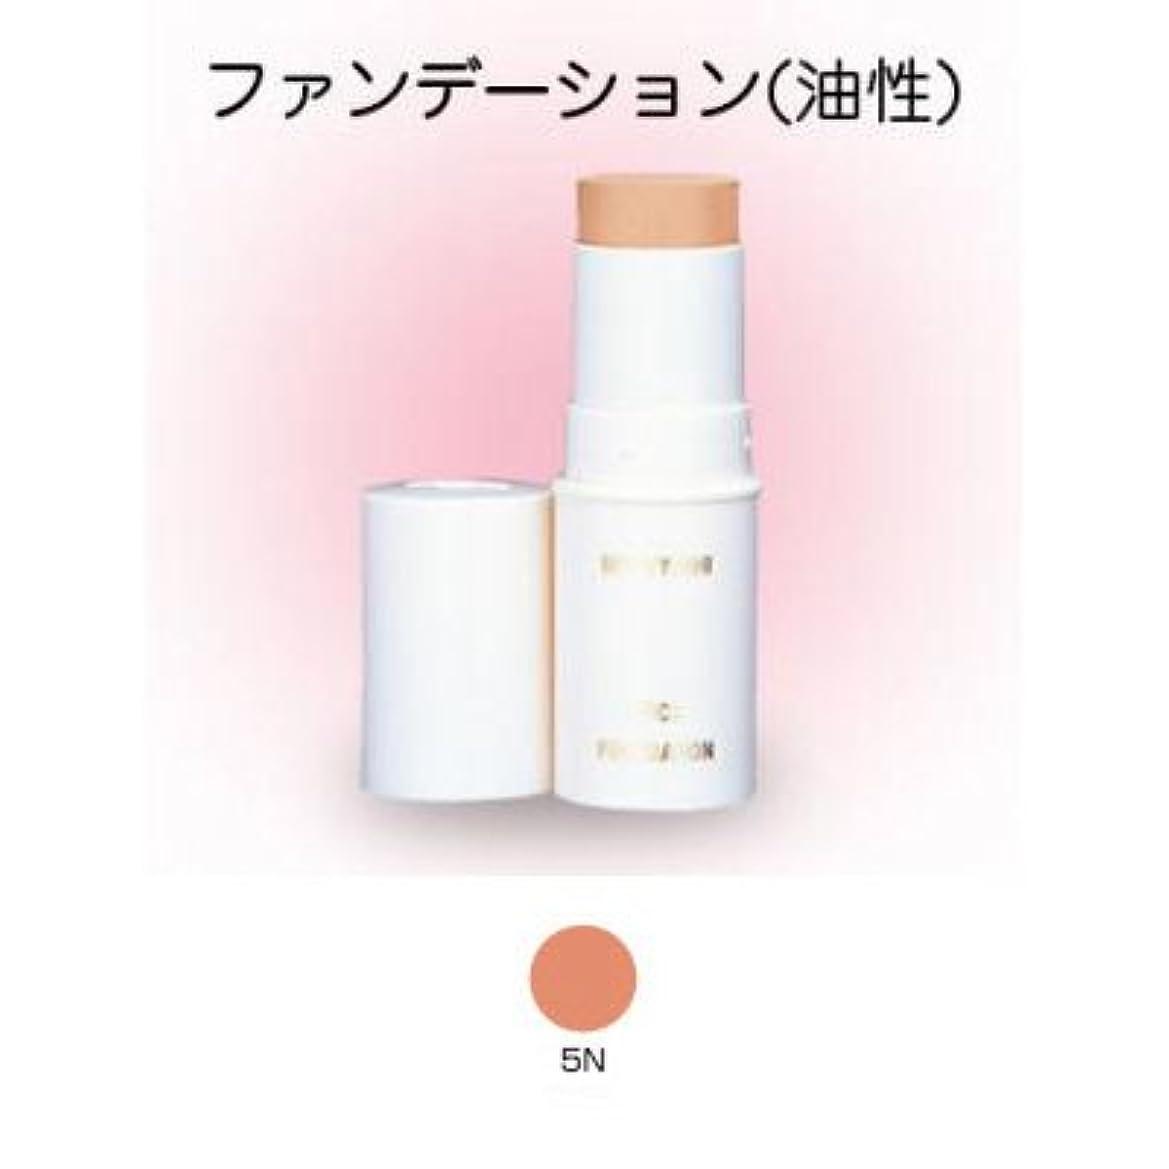 ナイトスポットコンセンサスメンタースティックファンデーション 16g 5N 【三善】